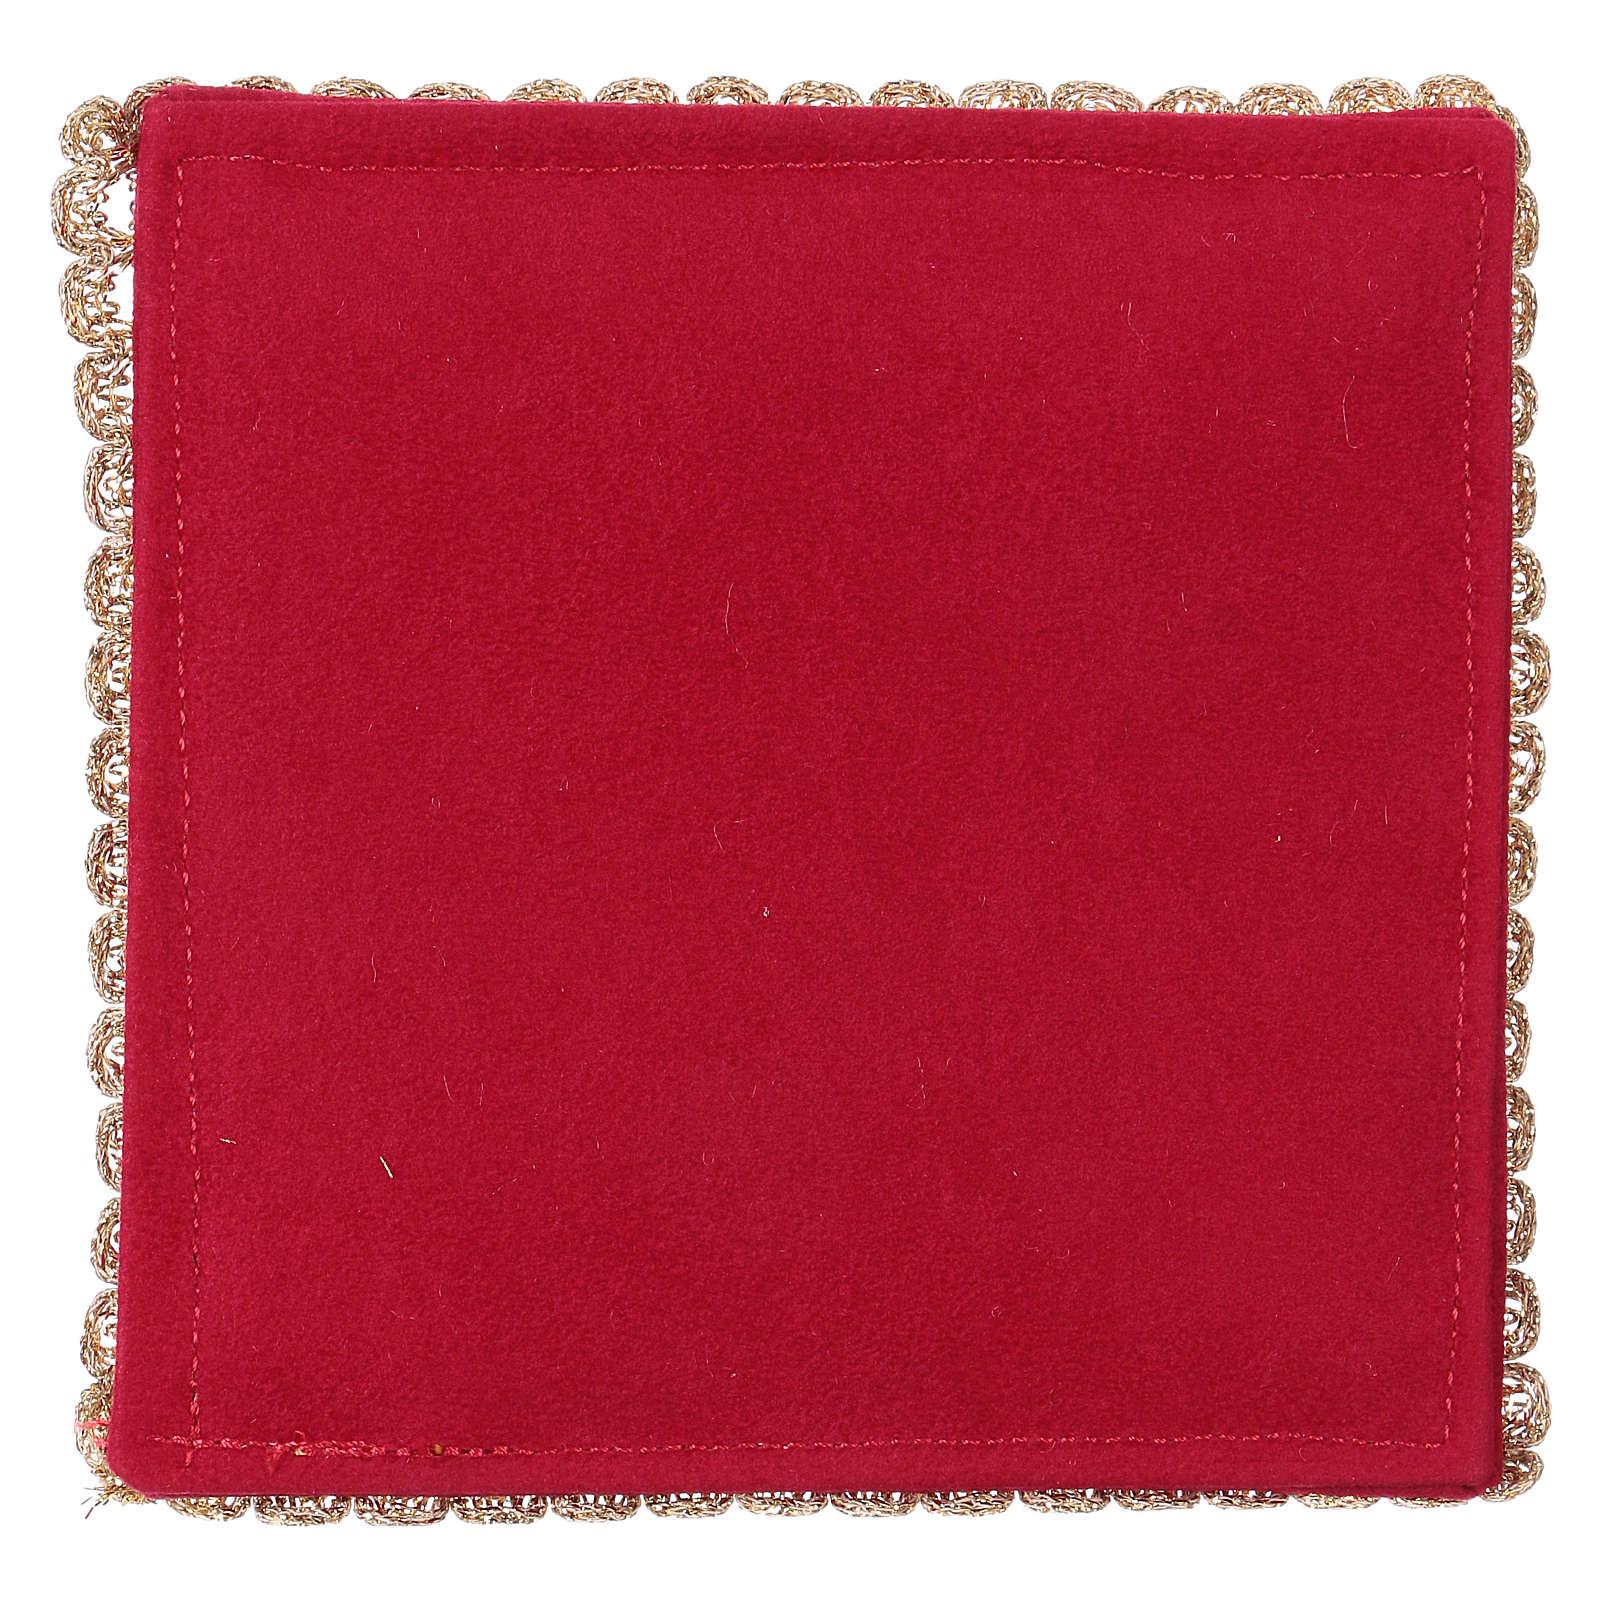 Cubre cáliz rígida con cordero tejido rojo 4